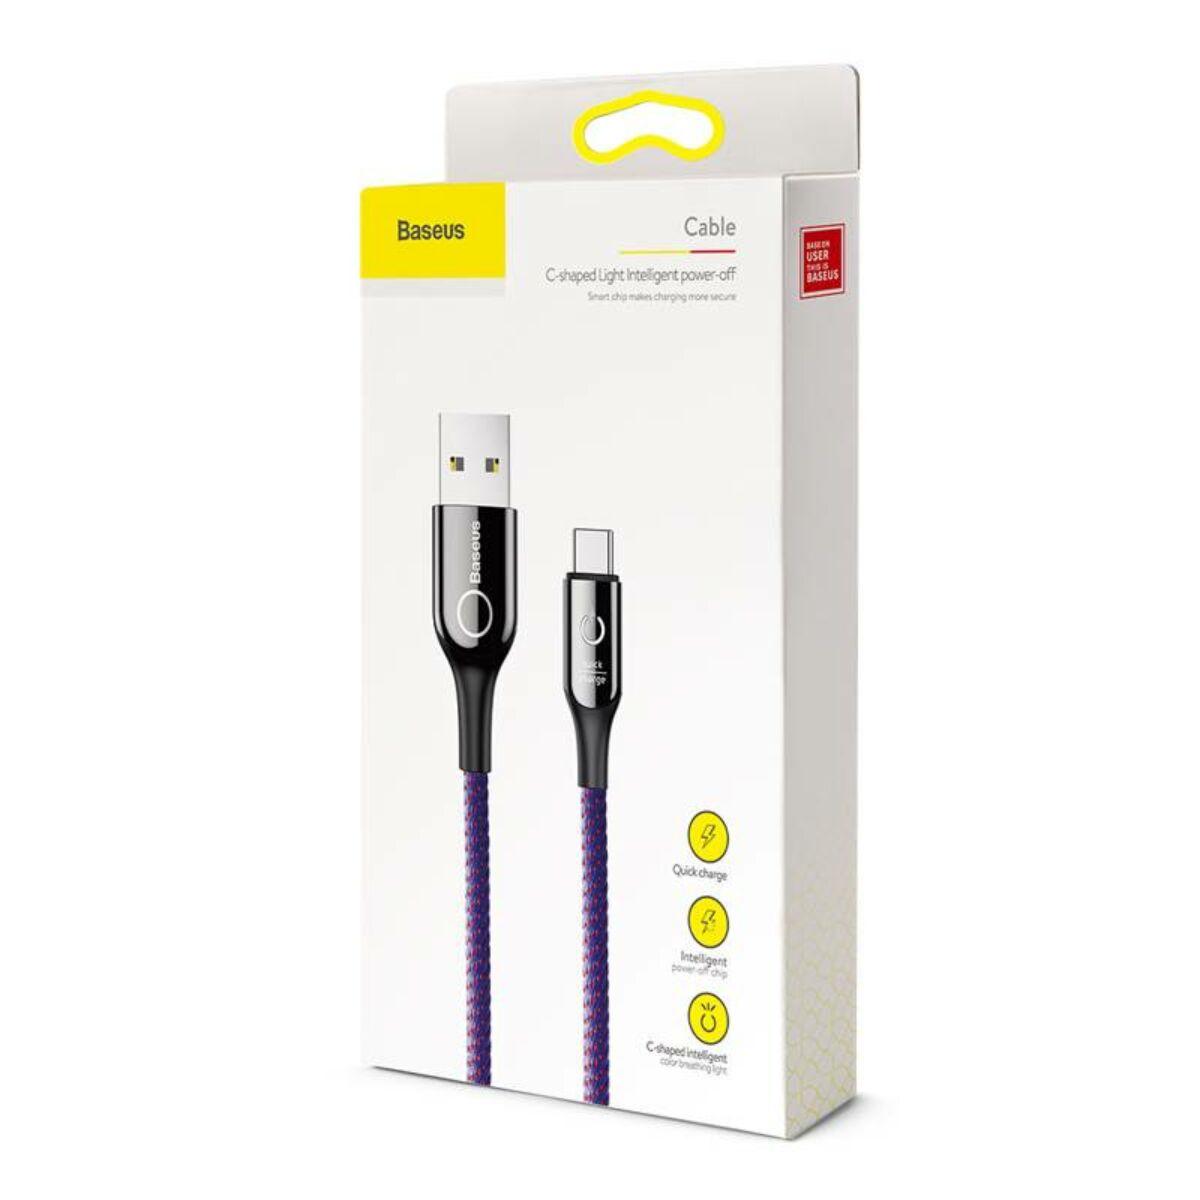 Baseus Type-C kábel, C-shaped intelligens töltés lekapcsolás, LED-visszajelzős adatkábel, QC[3.0], 3A, 1m, lila (CATCD-05)